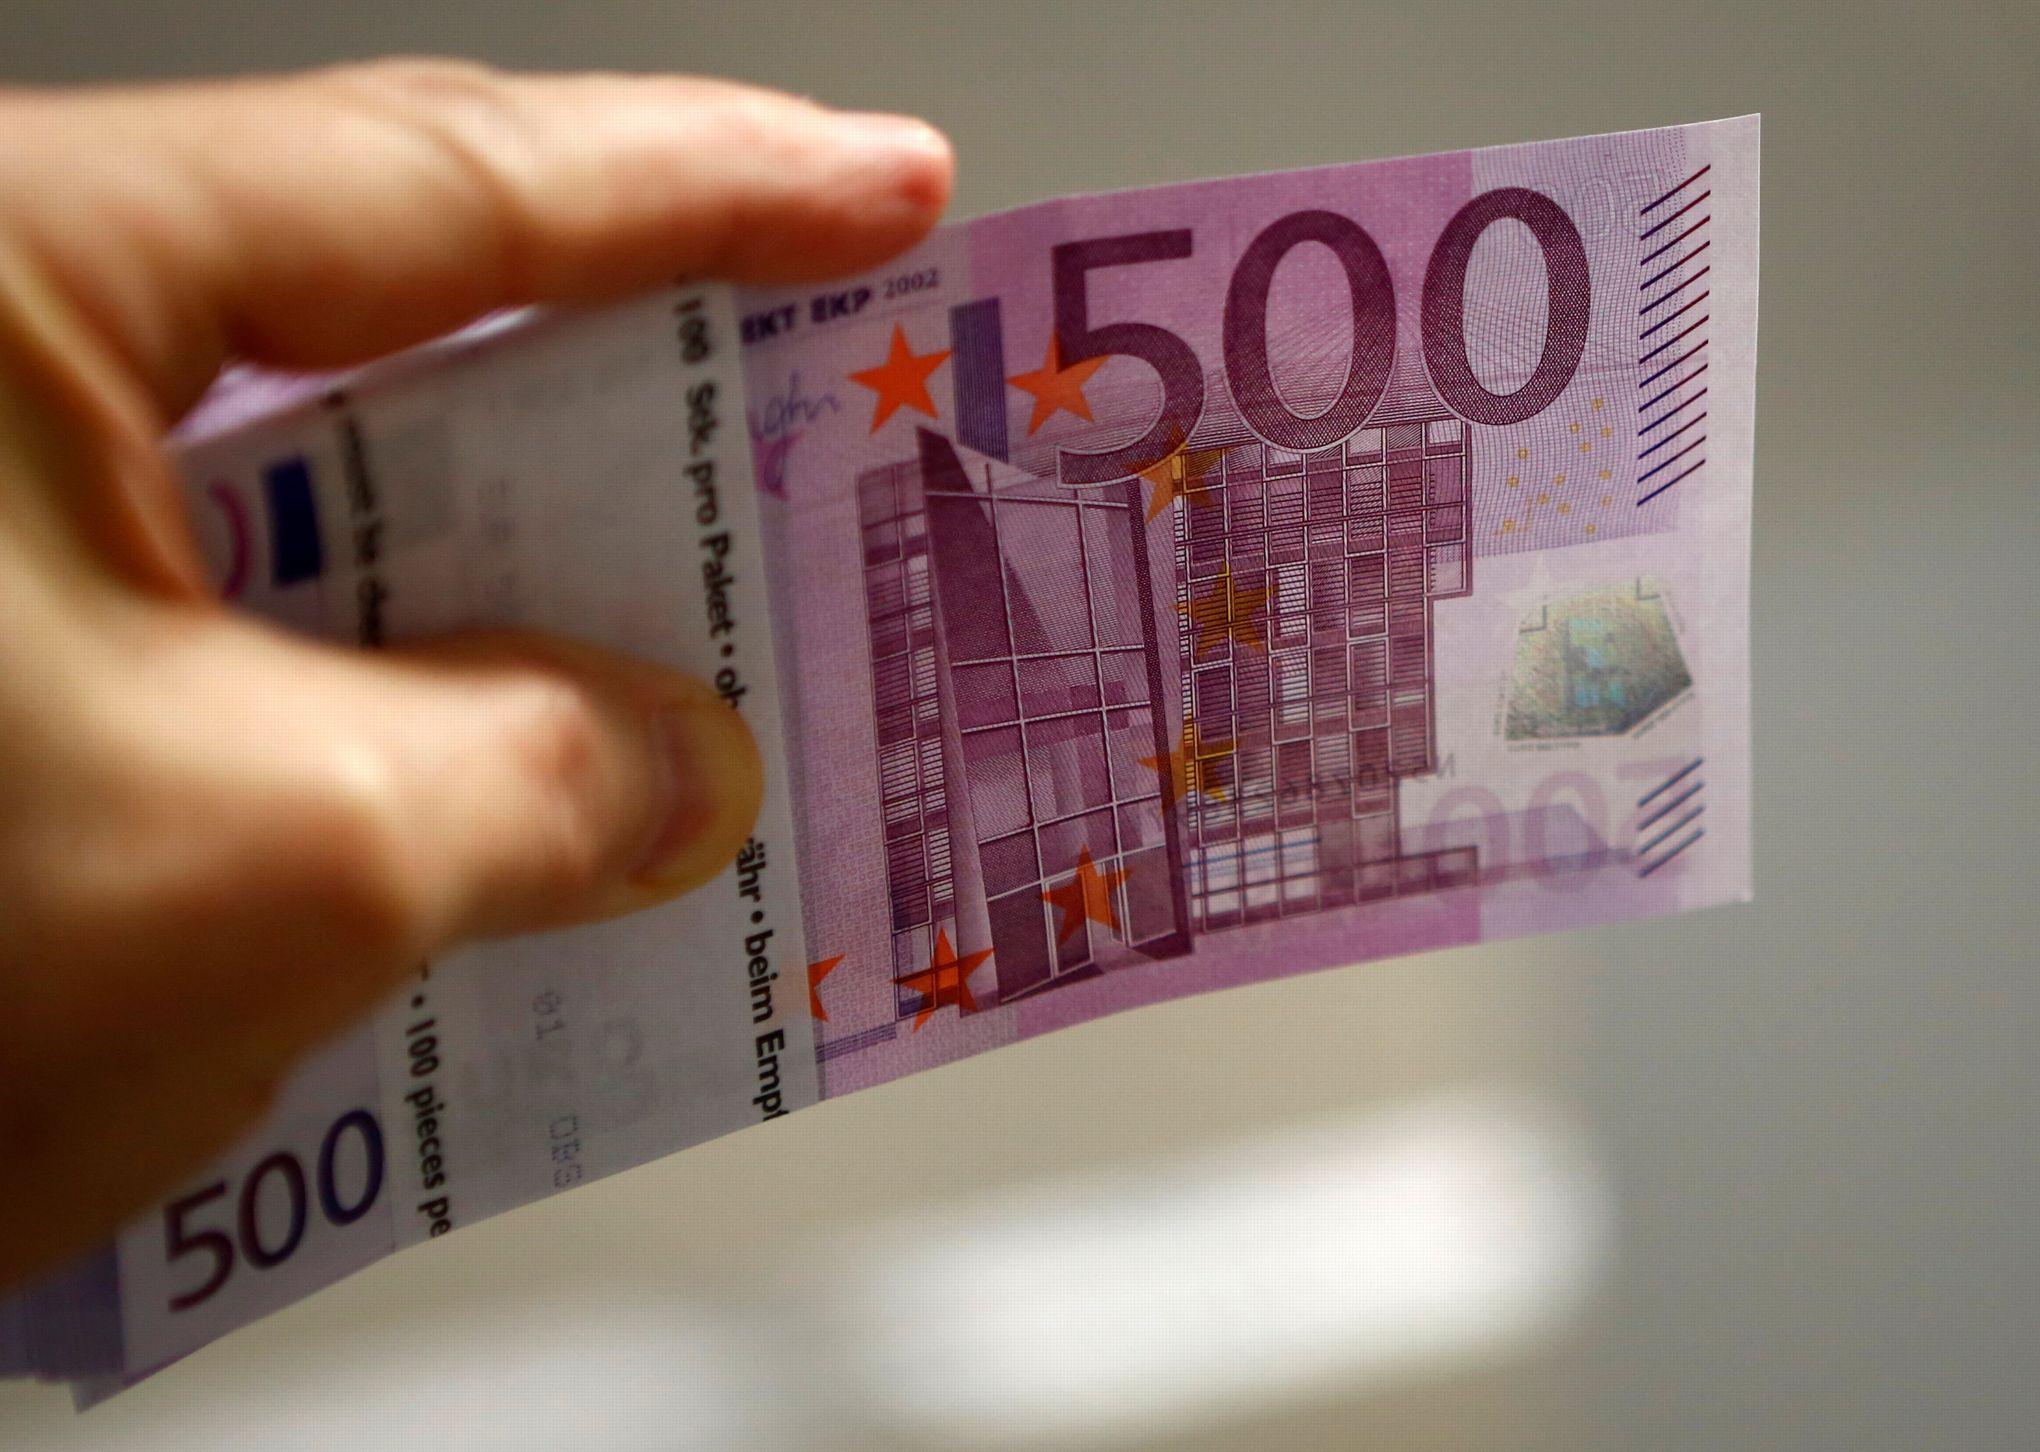 Après Le «500 Euros», Les Billets Menacés ? encequiconcerne Billets Et Pièces En Euros À Imprimer